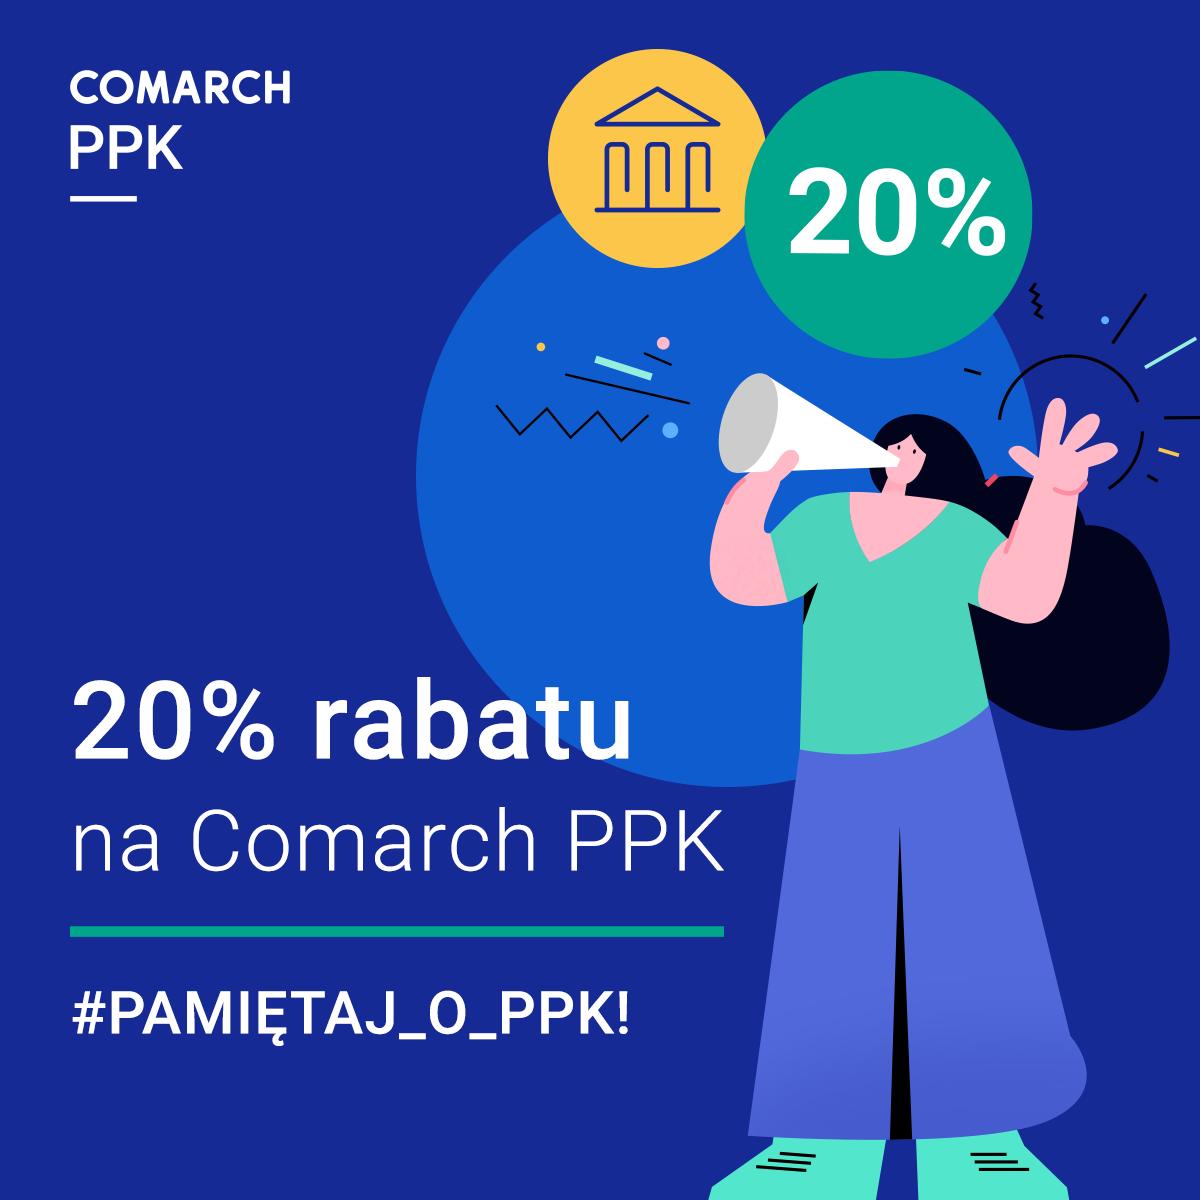 comarch-ppk-promocja-grafika-social-media